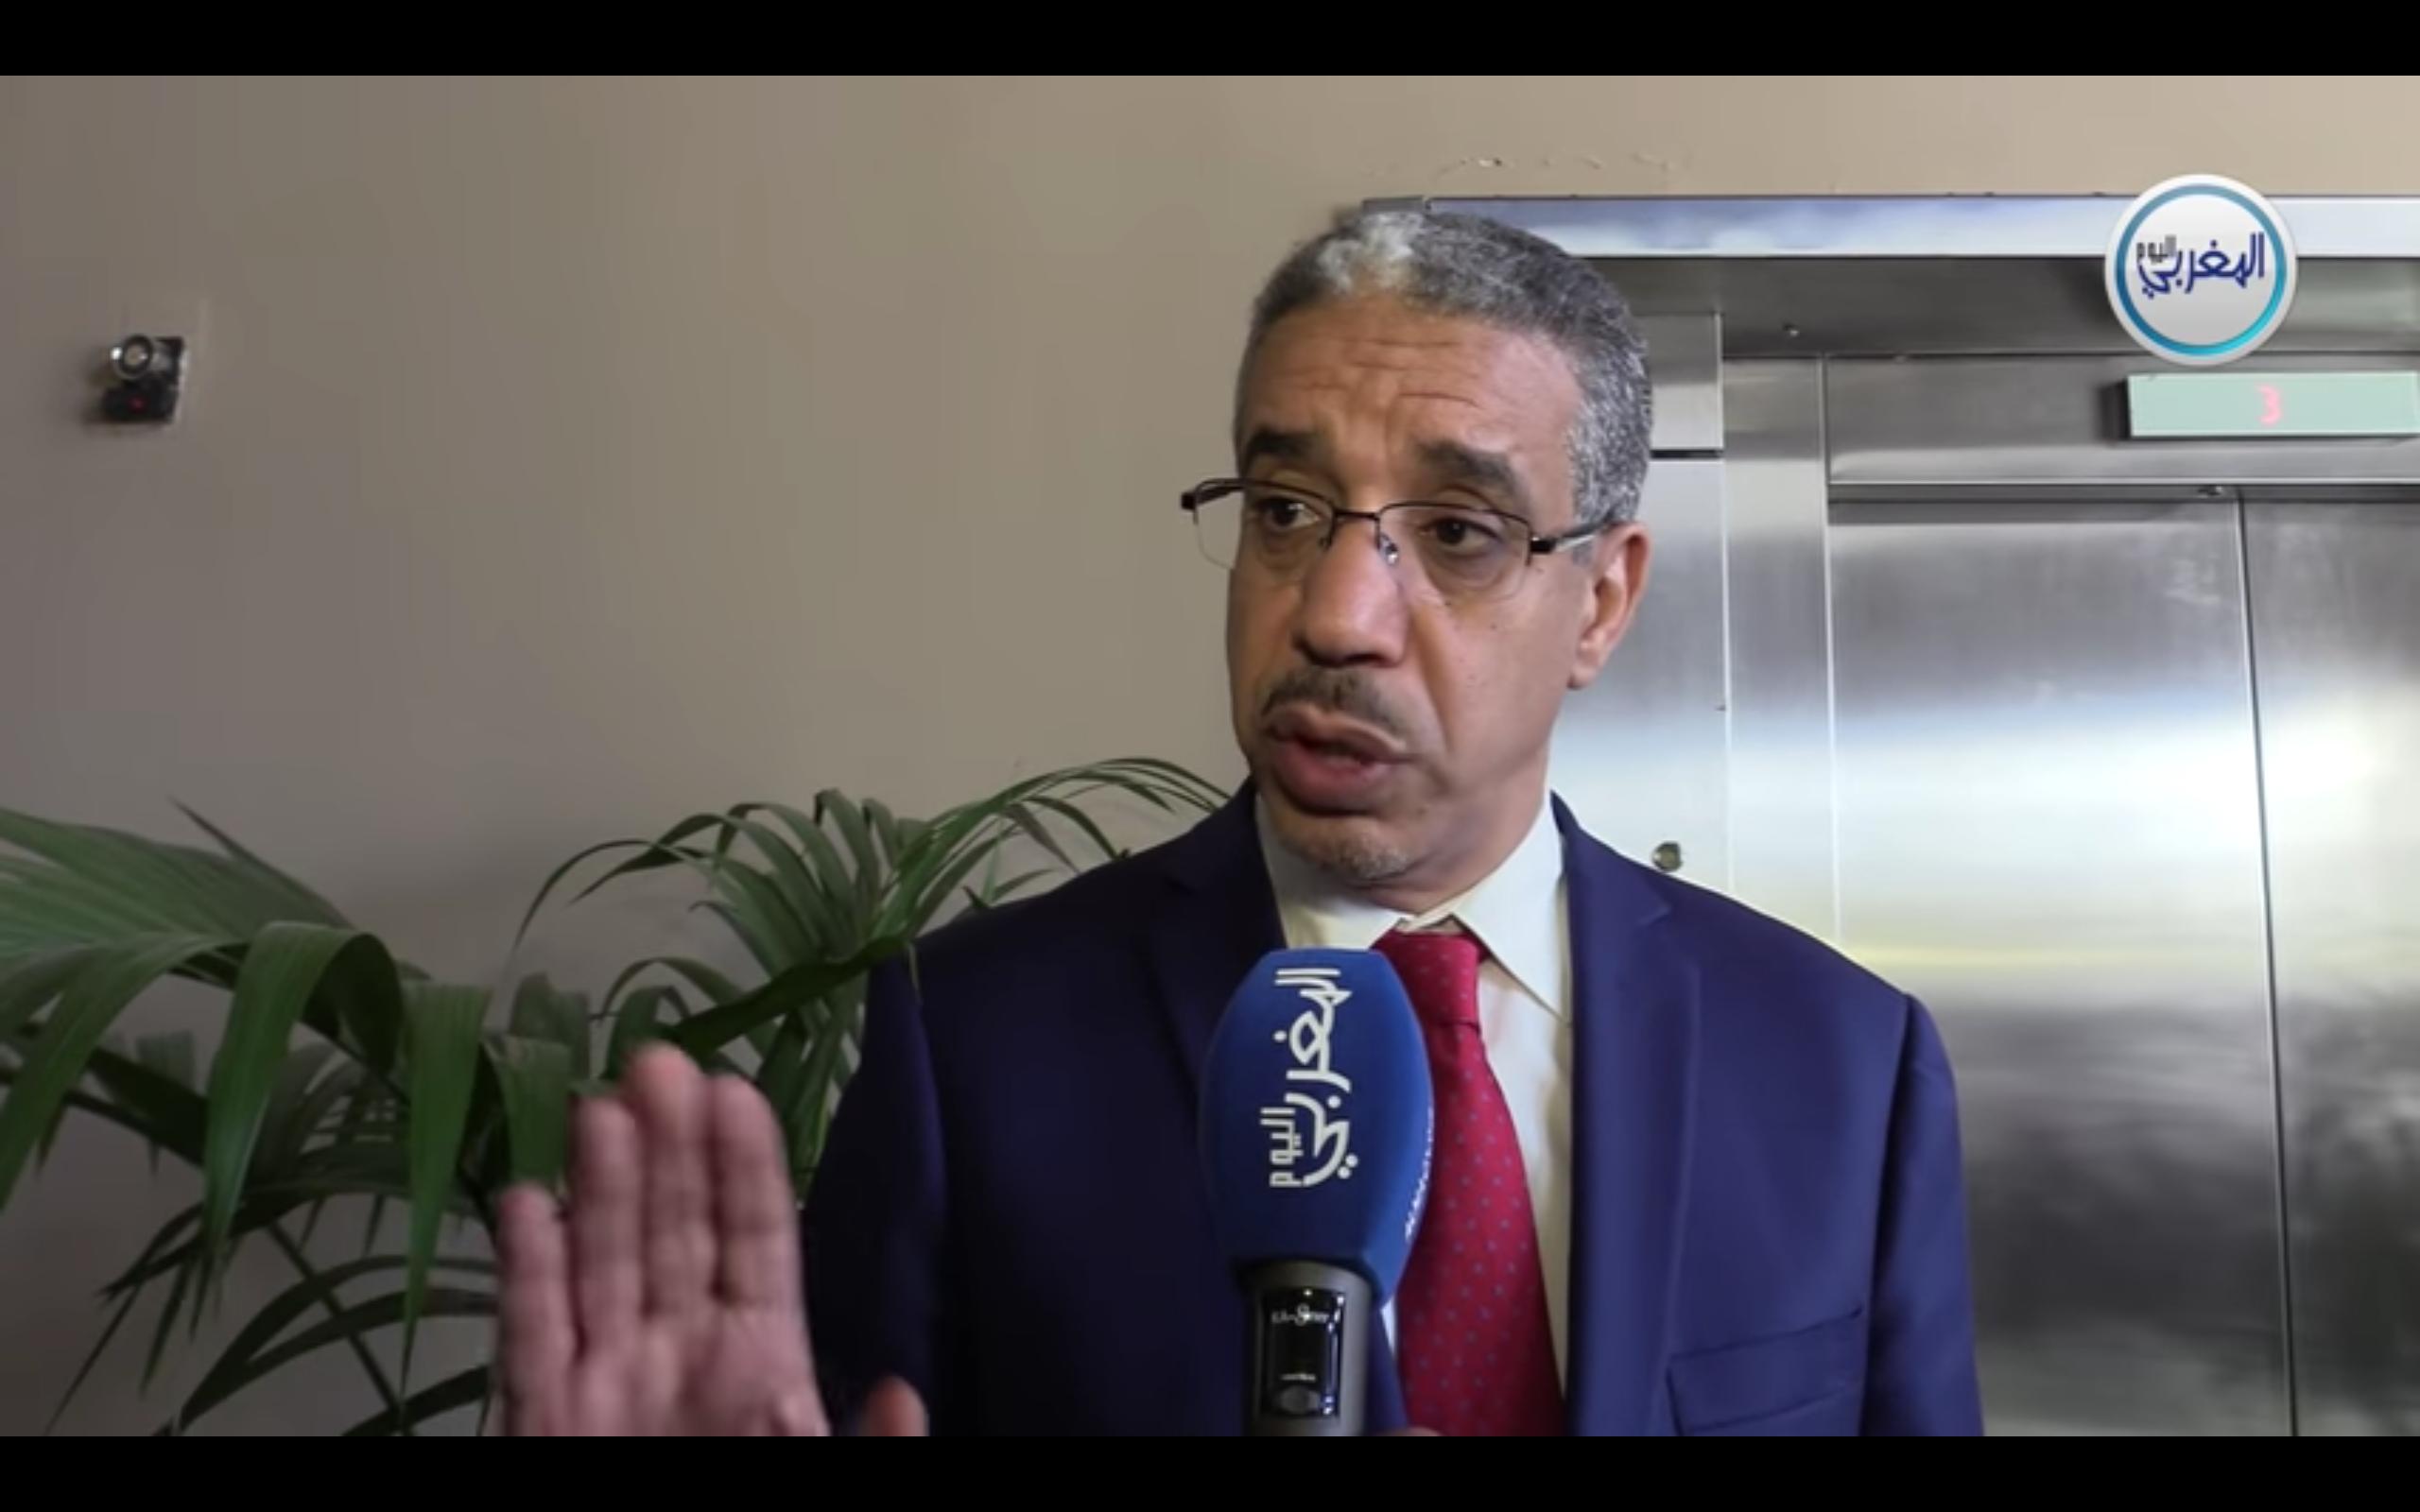 بالفيديو… الوزير الرباح يعطي رسميا انطلاقة المرصد المغربي للطاقة